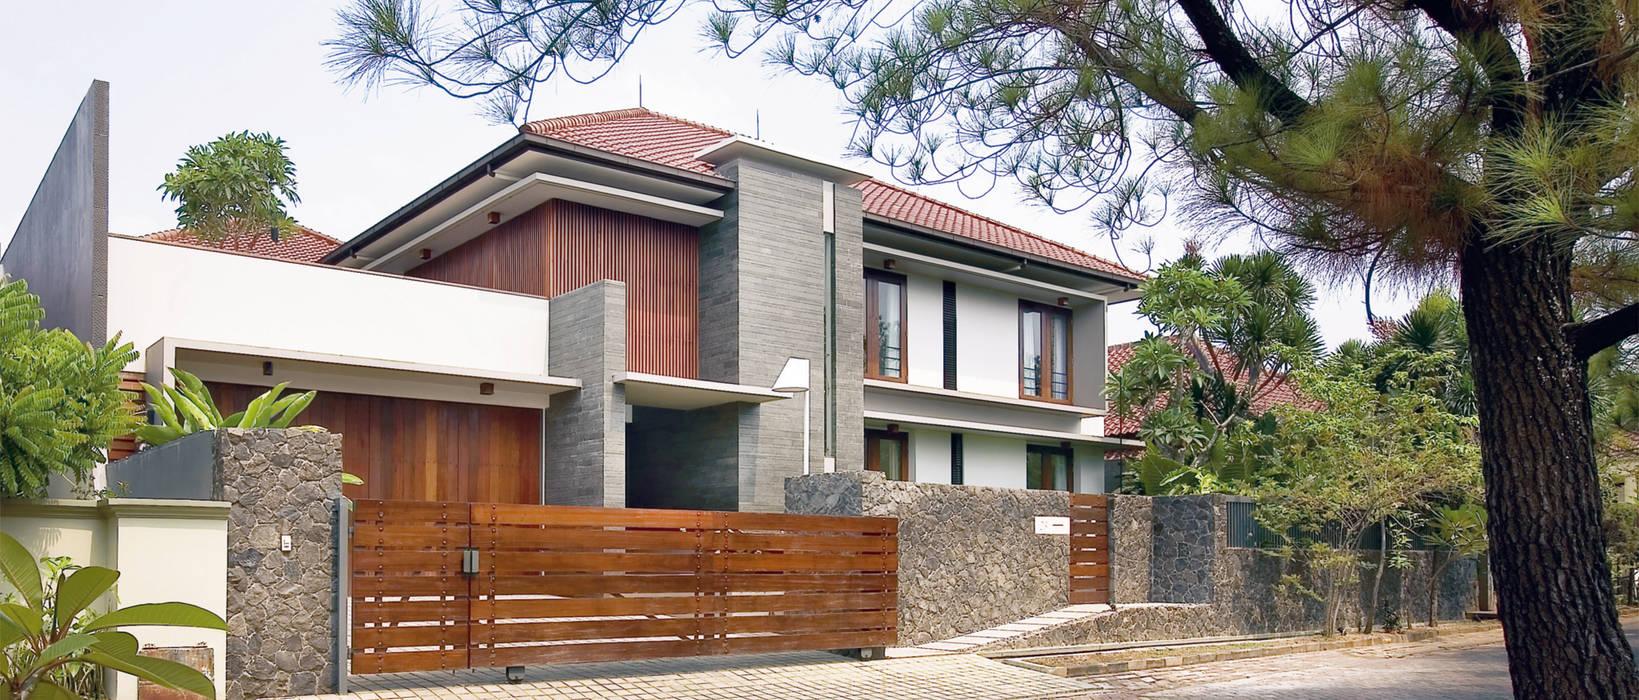 Villa Melati Mas BAMA Rumah Tropis